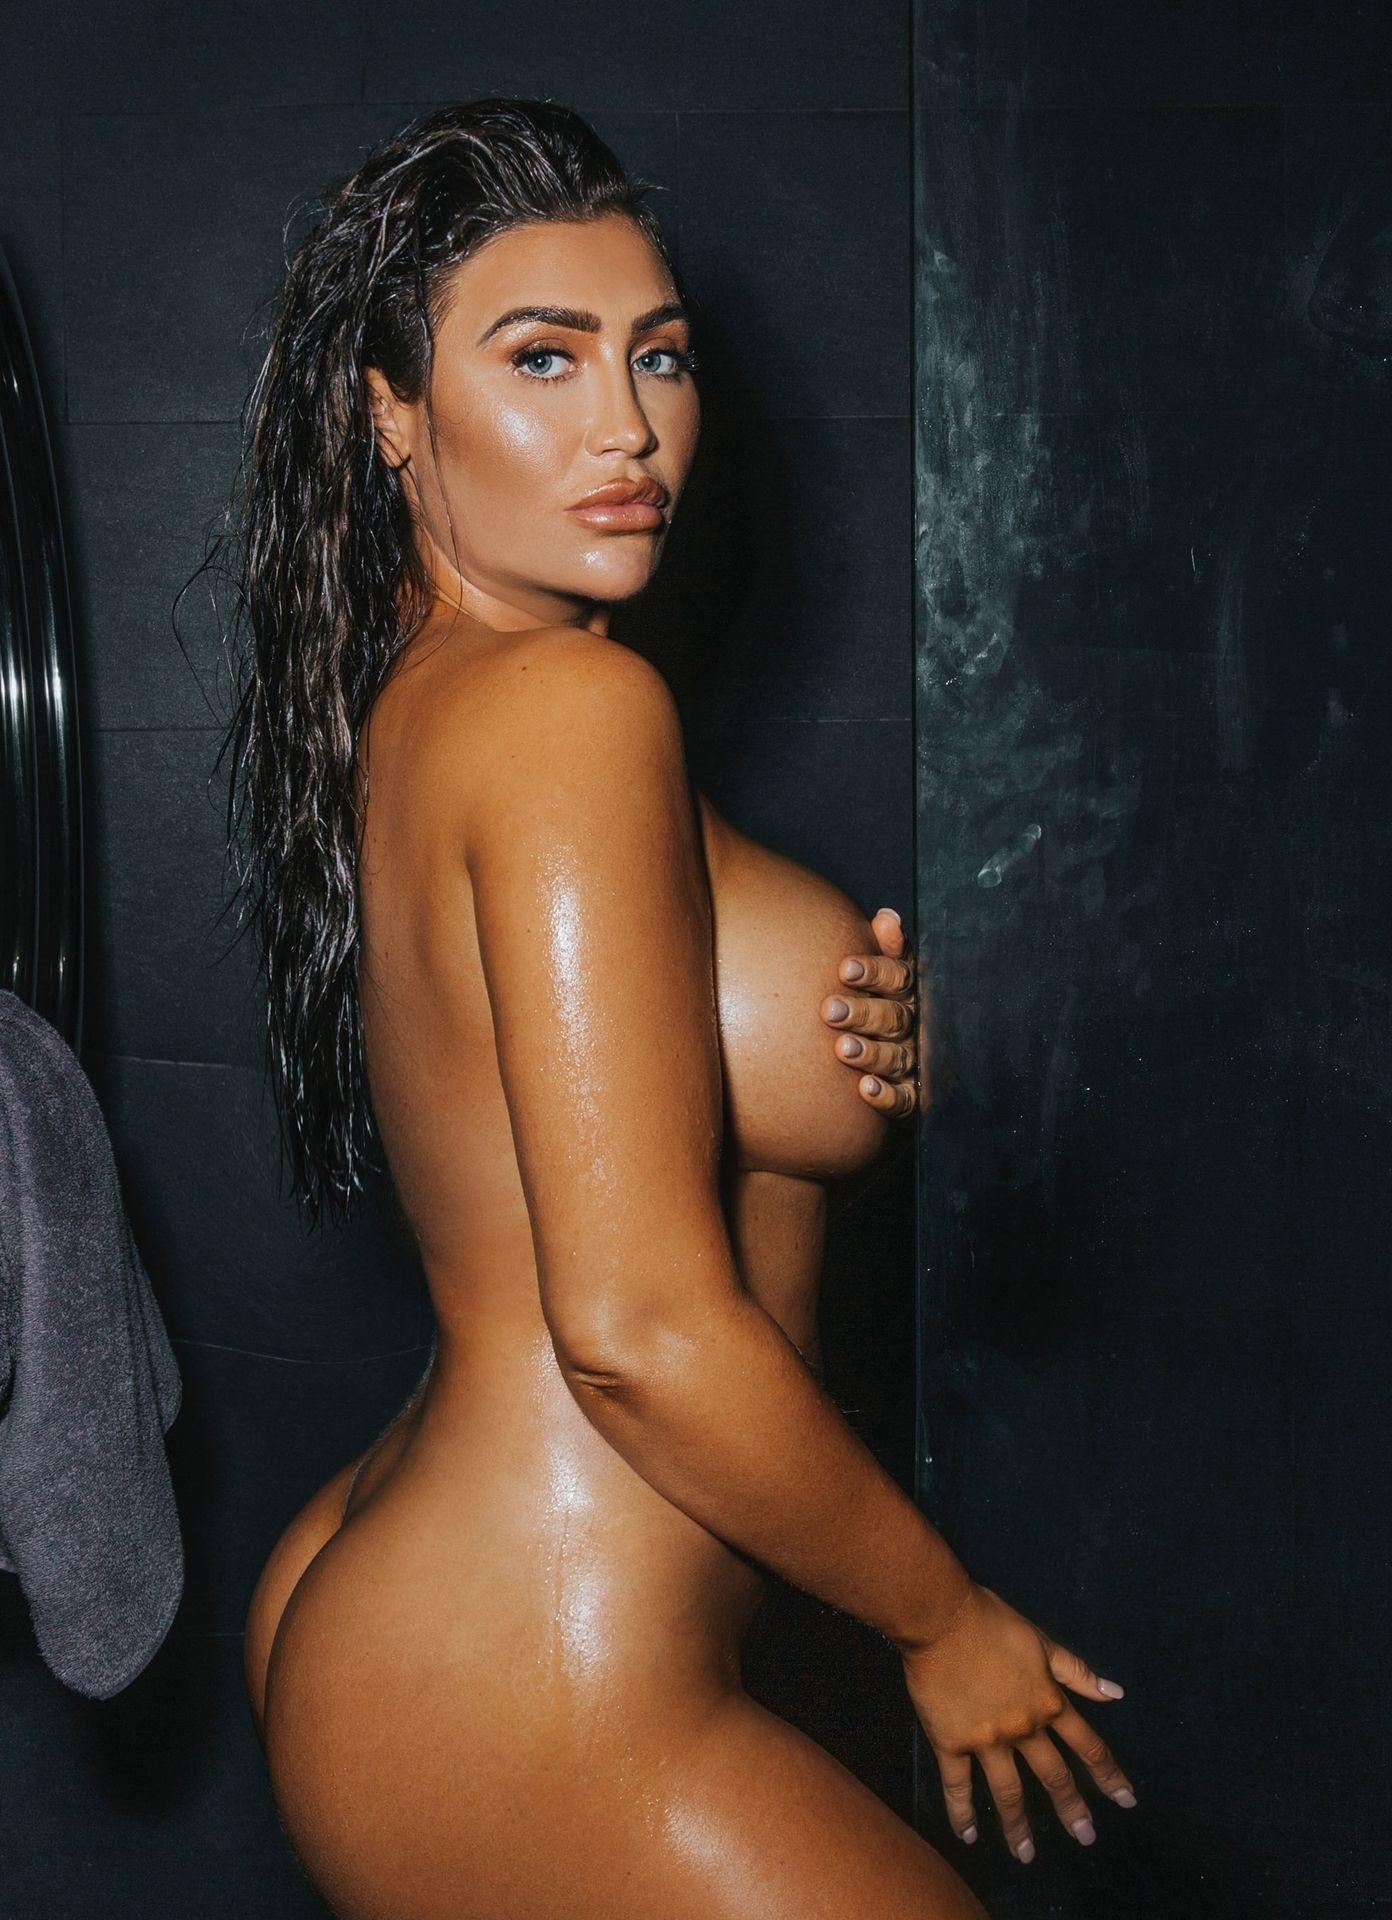 lauren goodger nude photos leaked Lauren Goodger Nude Photos Leaked Lauren Goodger Nude Photos Leak 5